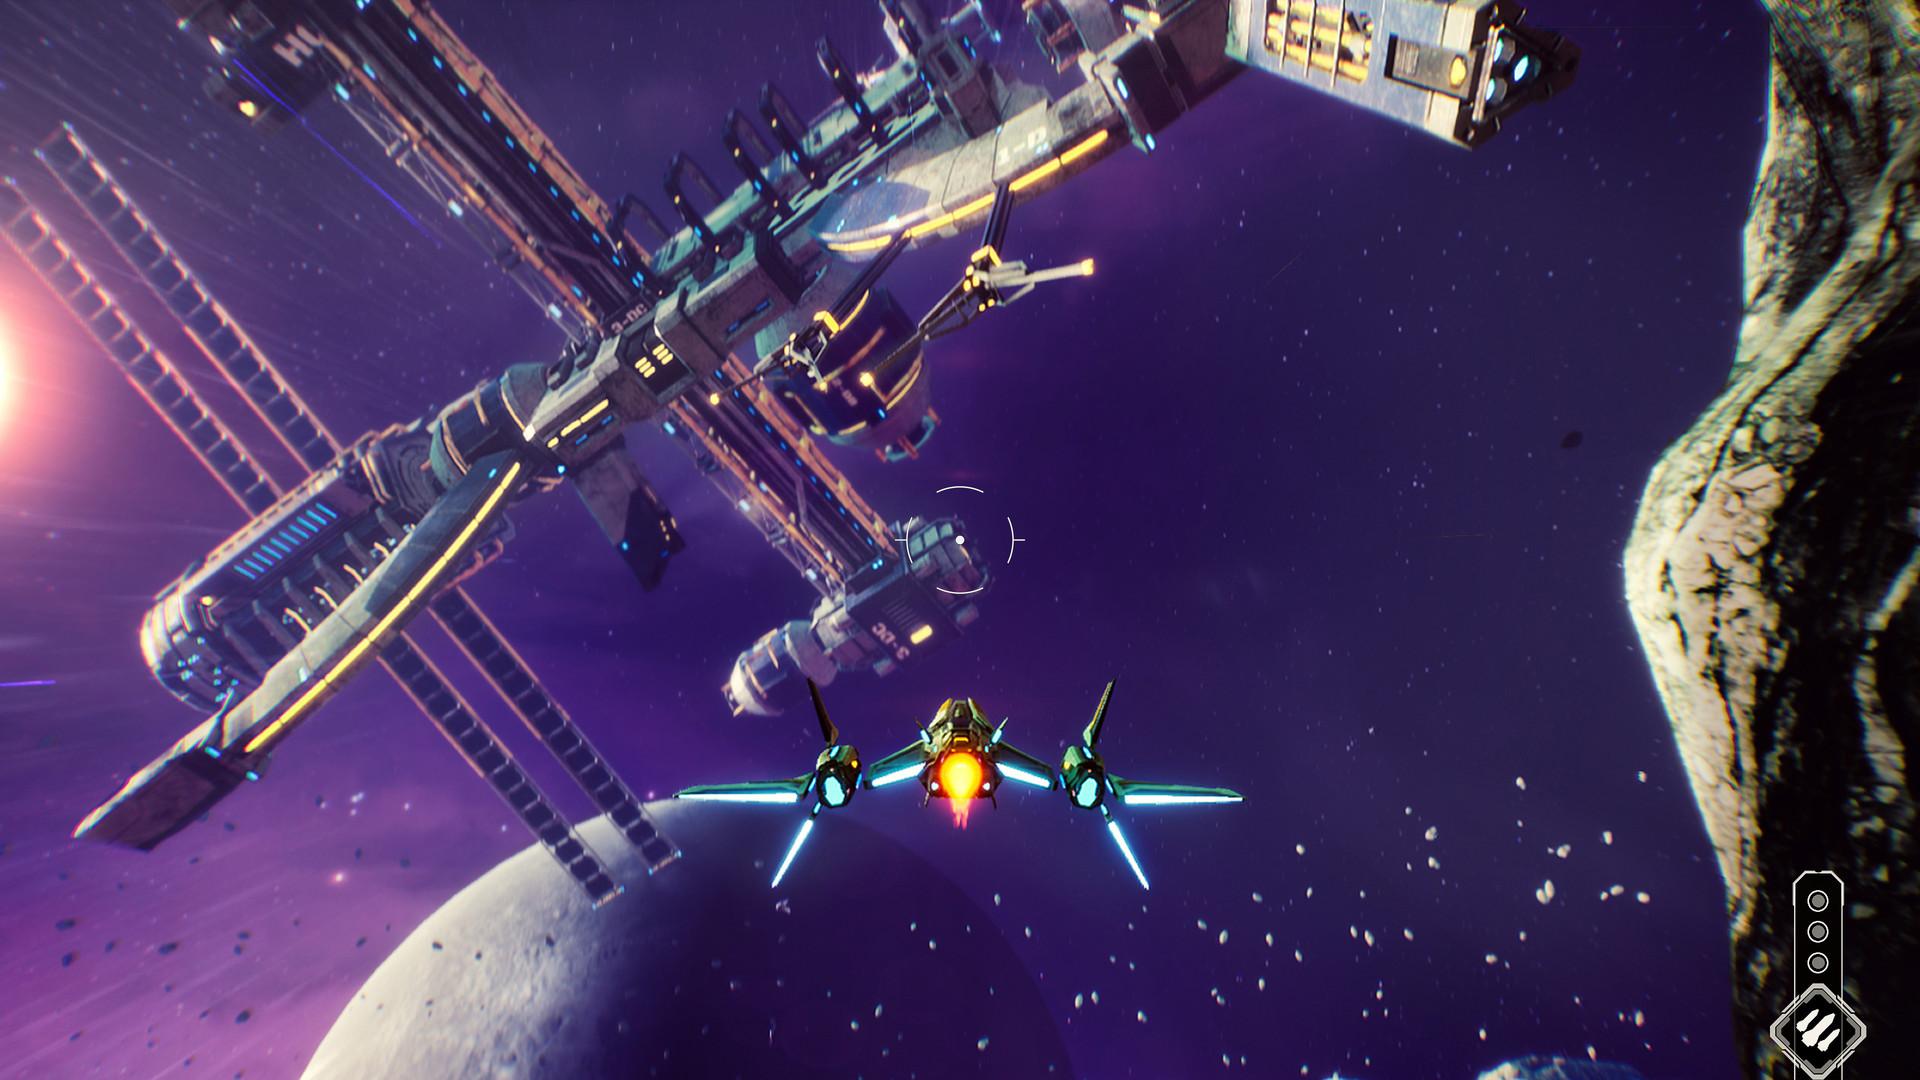 redout-space-assault-pc-screenshot-01